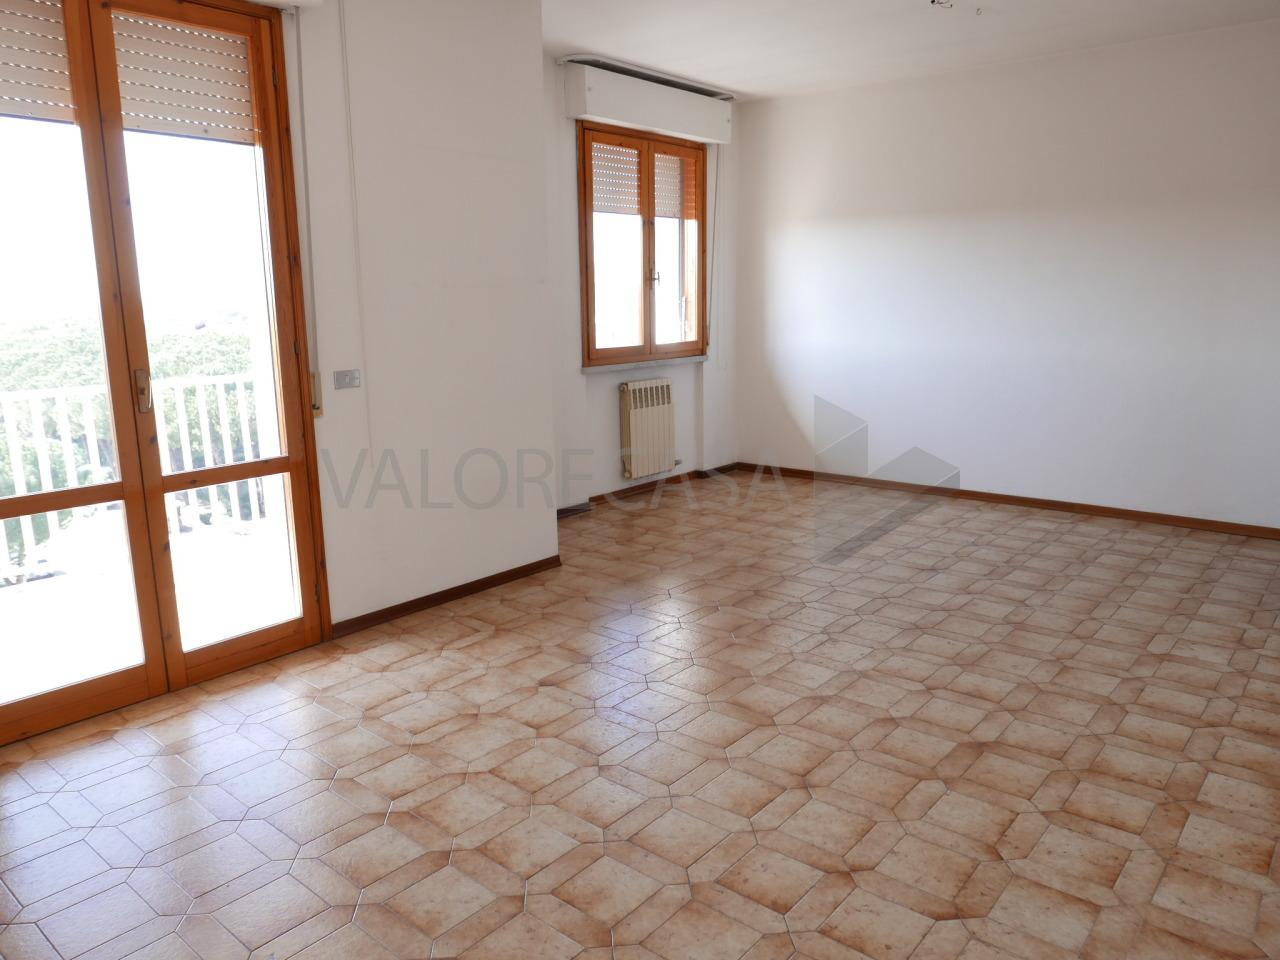 Appartamento in vendita a Carrara, 4 locali, prezzo € 190.000   Cambio Casa.it